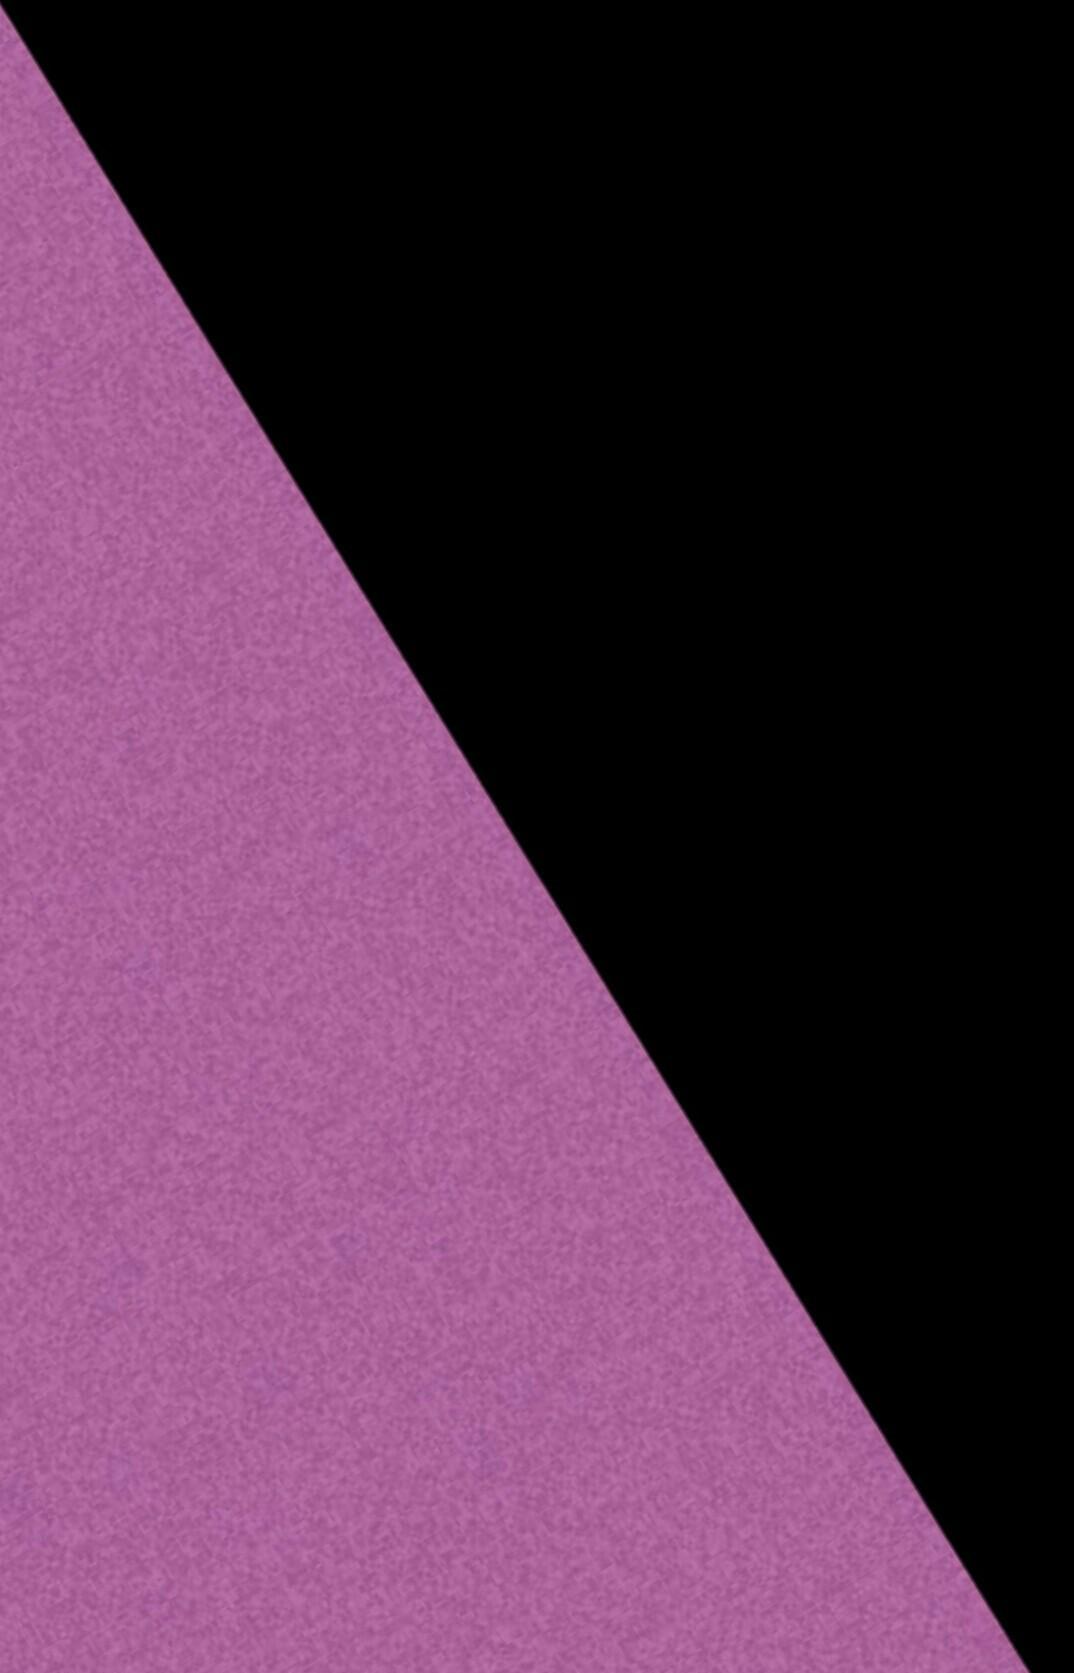 noir violet